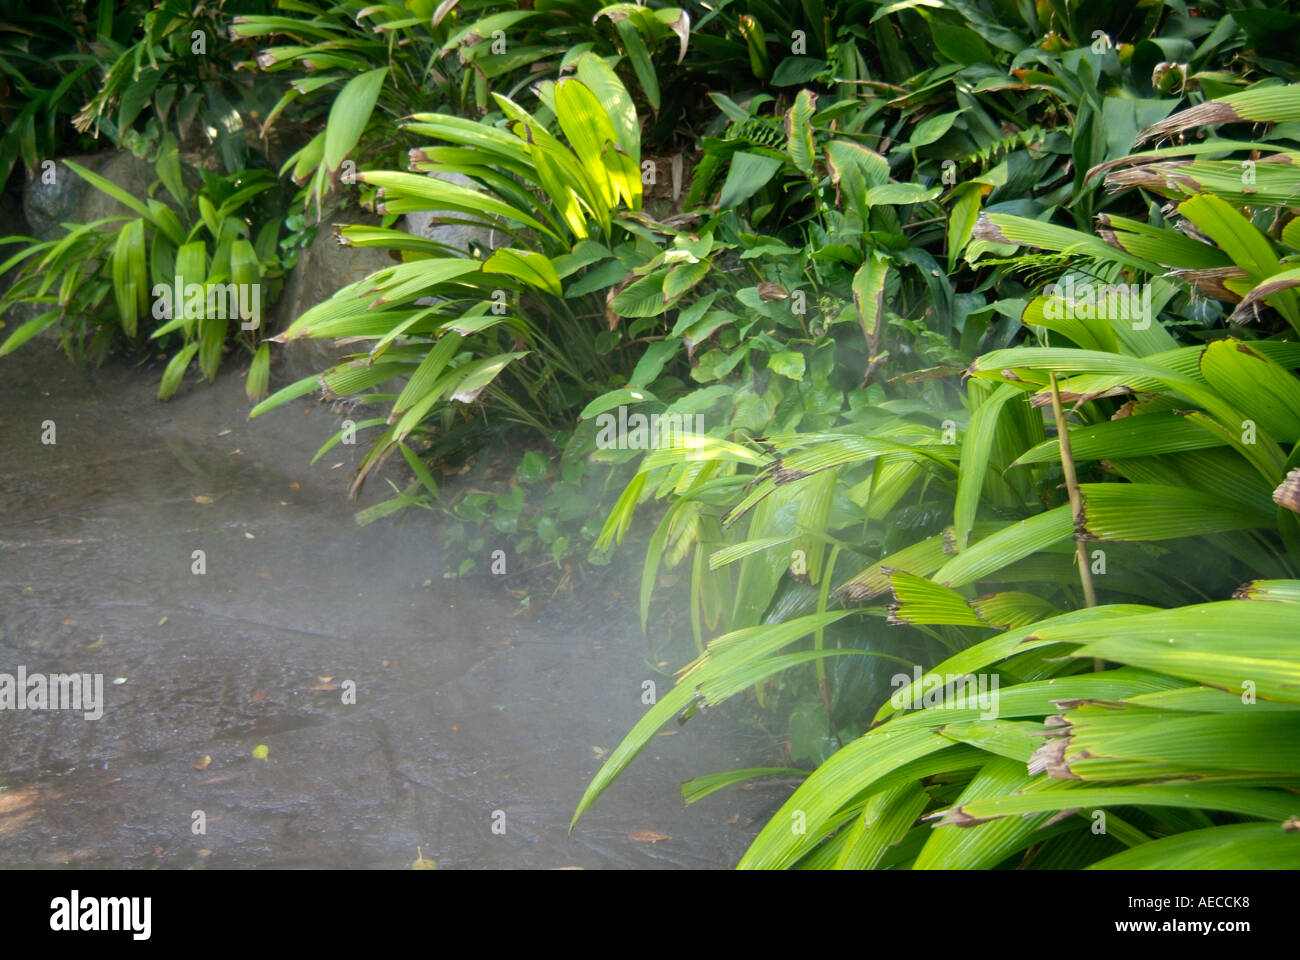 Sprinkler Beregnung Bewässerung Bewässerung Wasser H2O Stockbild